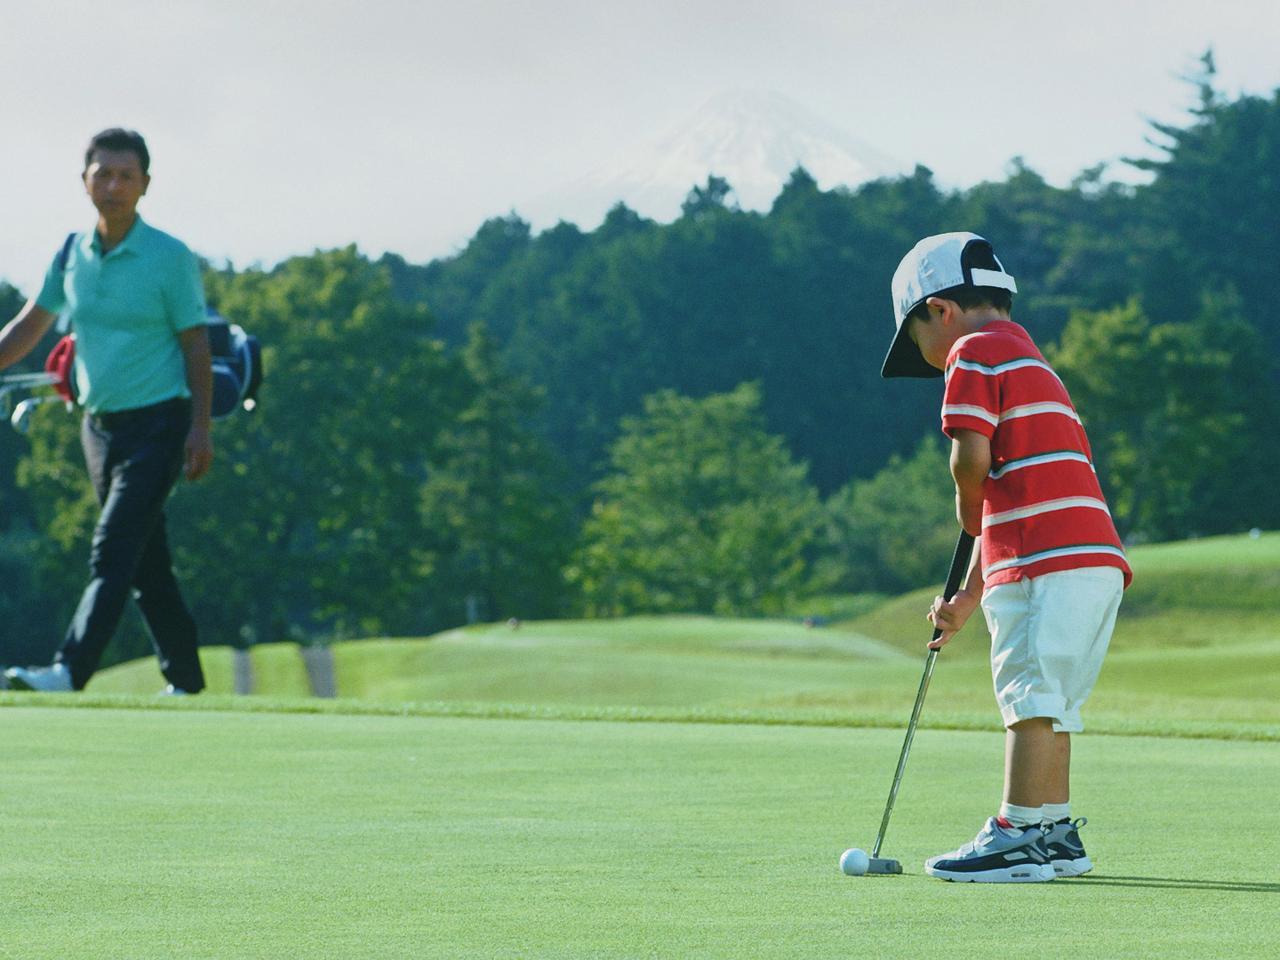 天才ゴルフキッズが見せたパッティング3本目の衝撃。日産が「プロパイロット2.0」の技術を応用